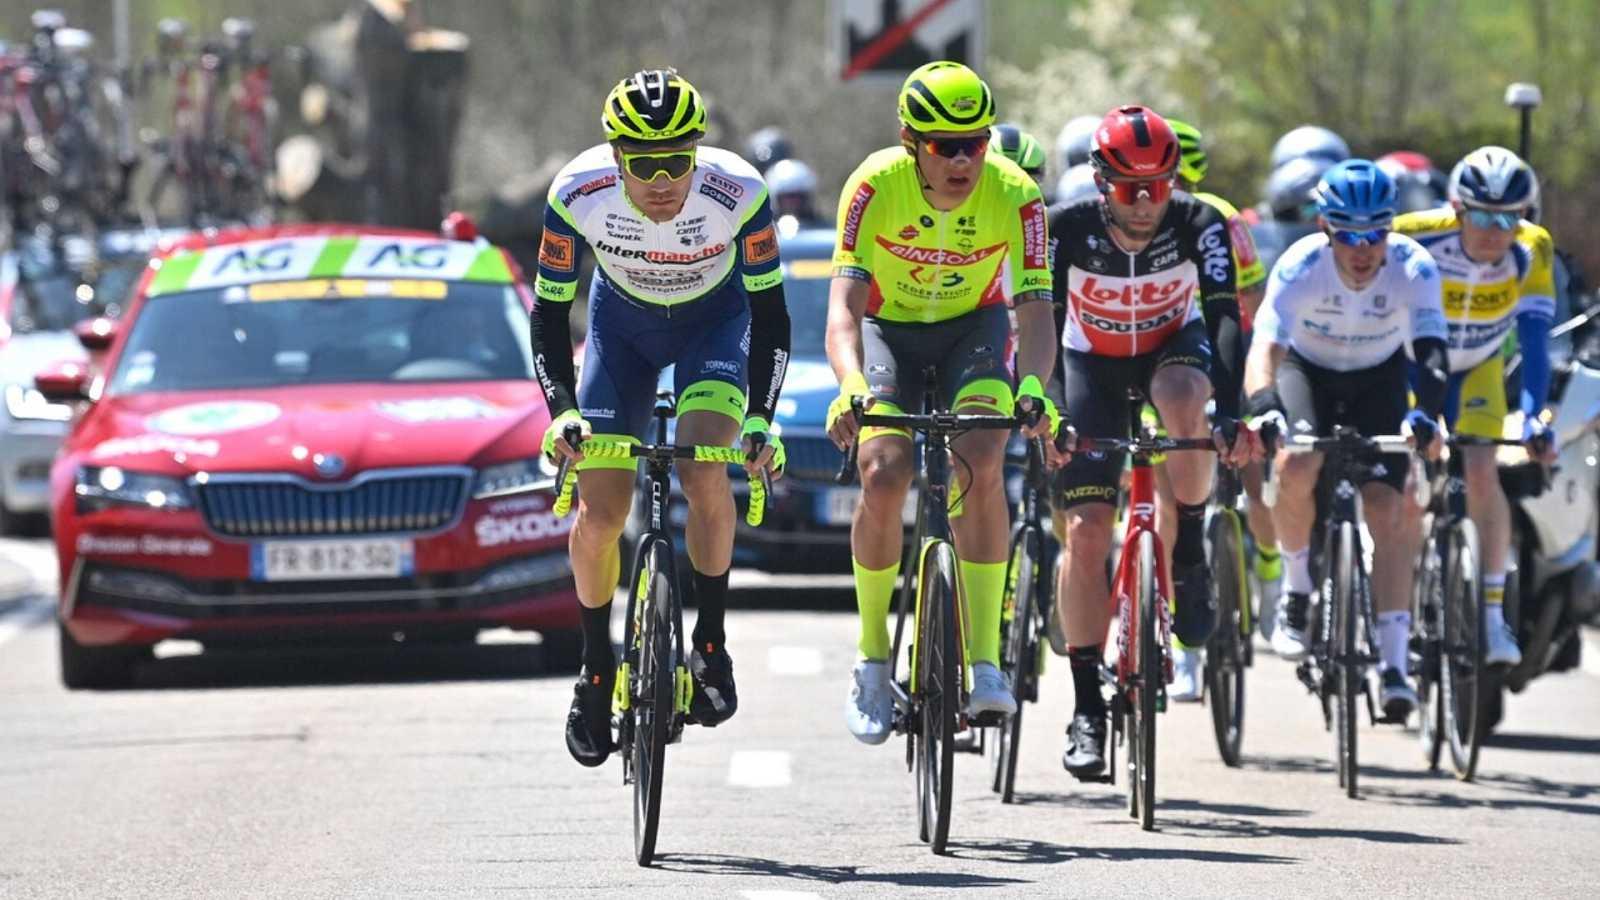 Ciclismo - Lieja-Bastogne-Lieja. Carrera masculina - ver ahora